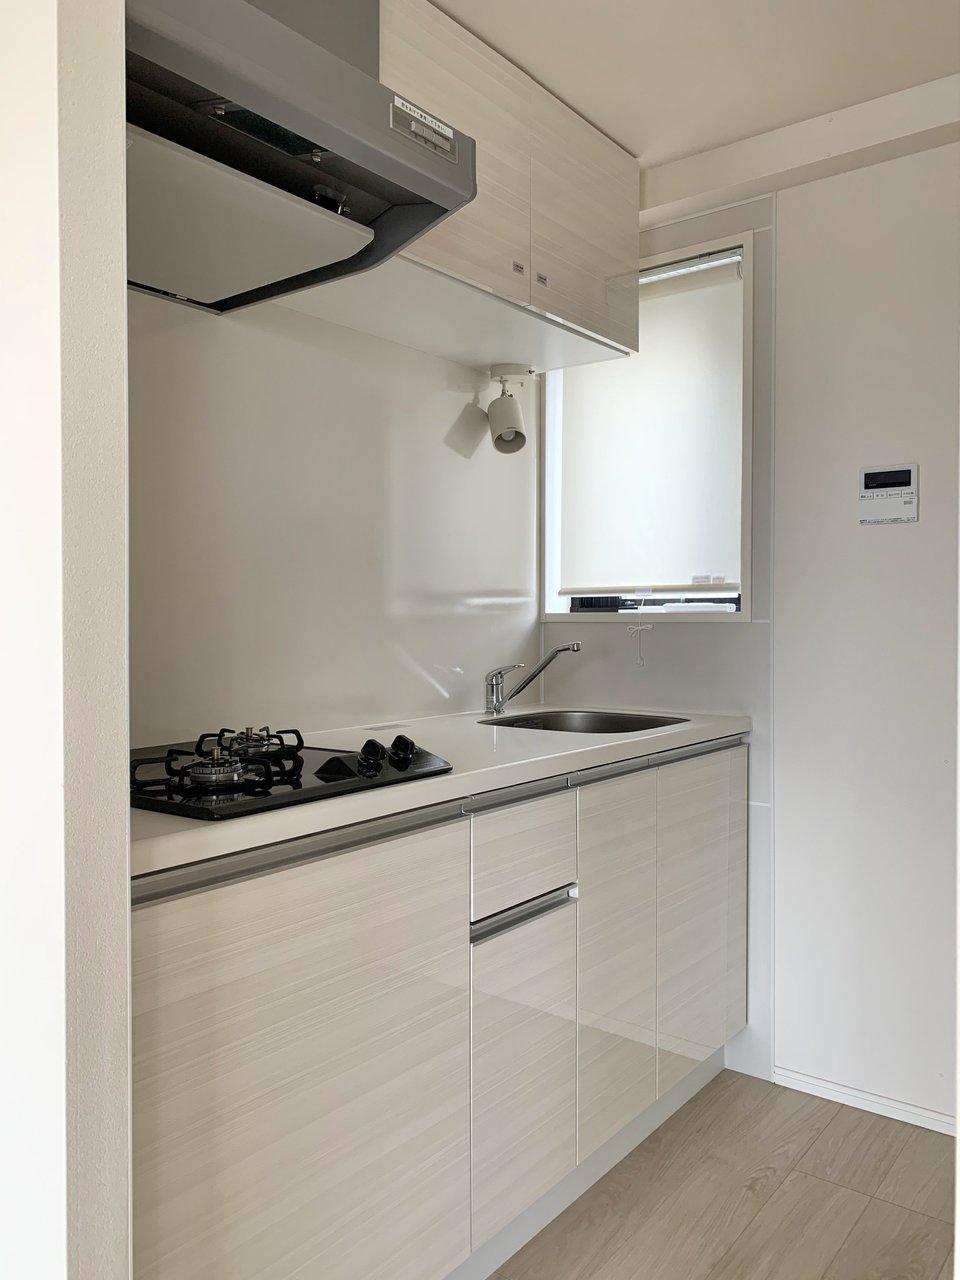 一人暮らしには十分過ぎる、きれいで清潔感のあるキッチン。小窓もついているので、換気もできますね。